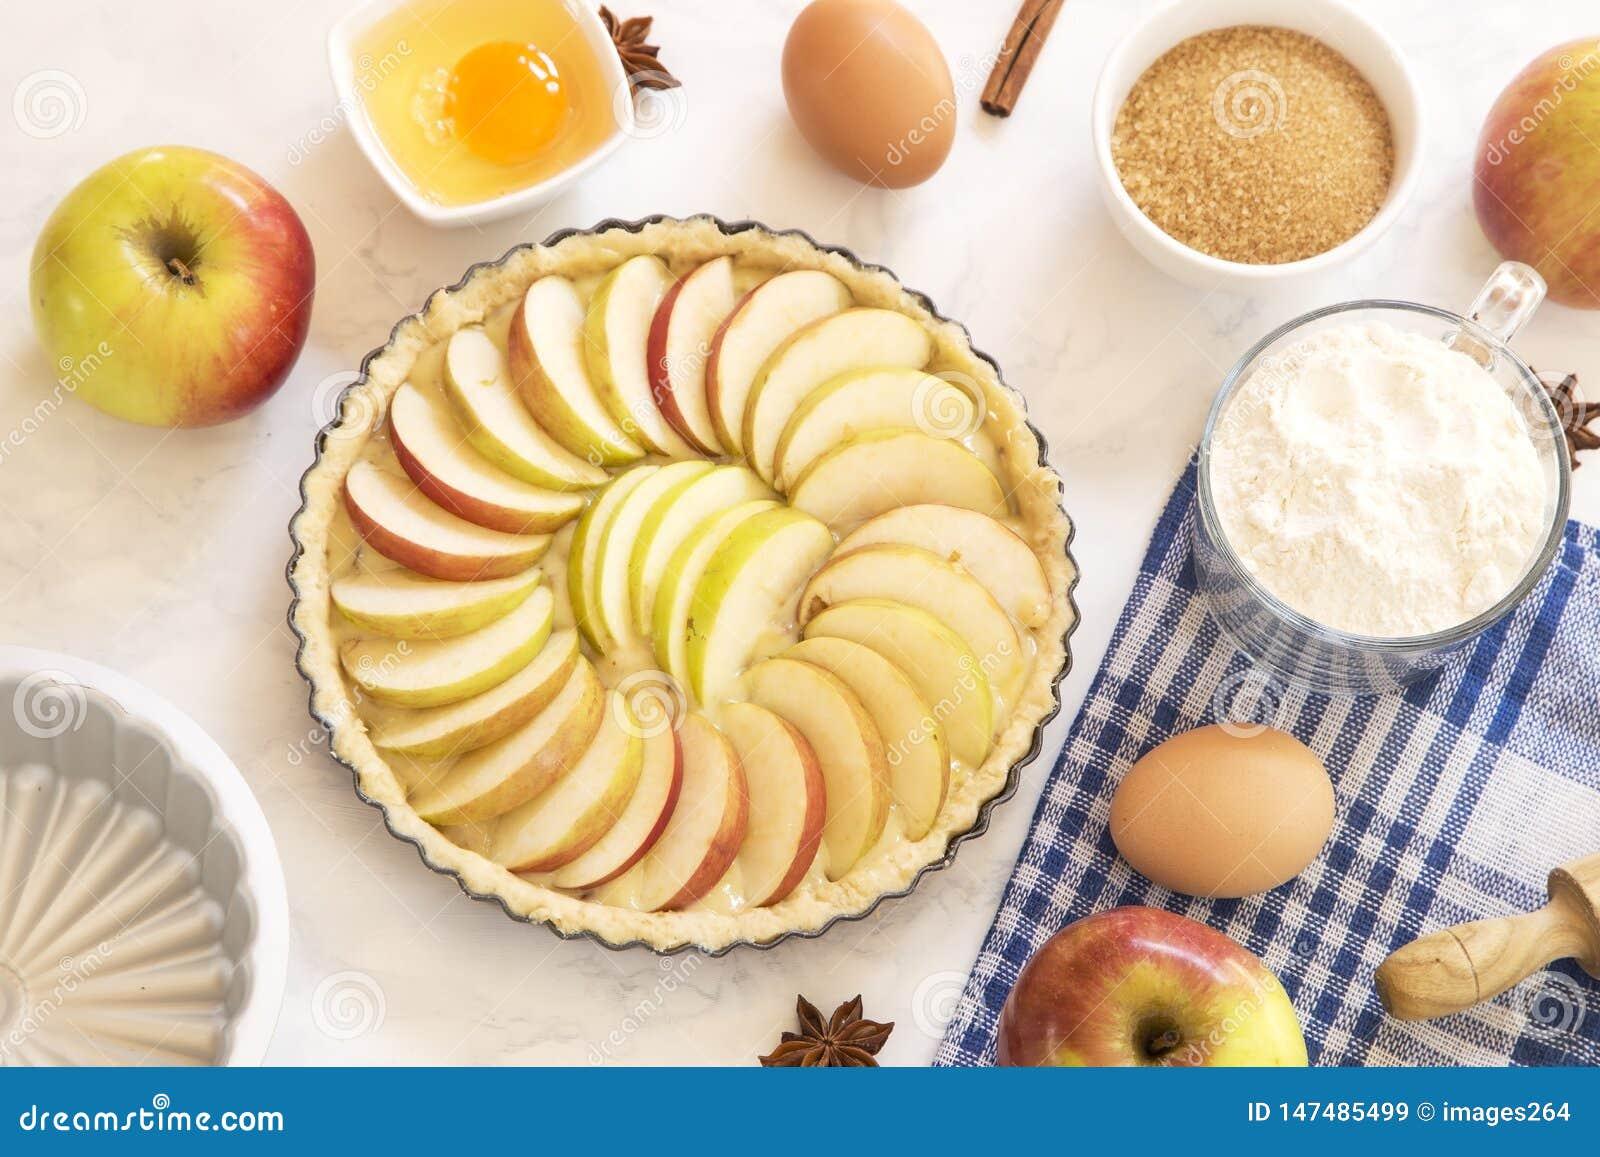 Apfelkuchenvorbereitung